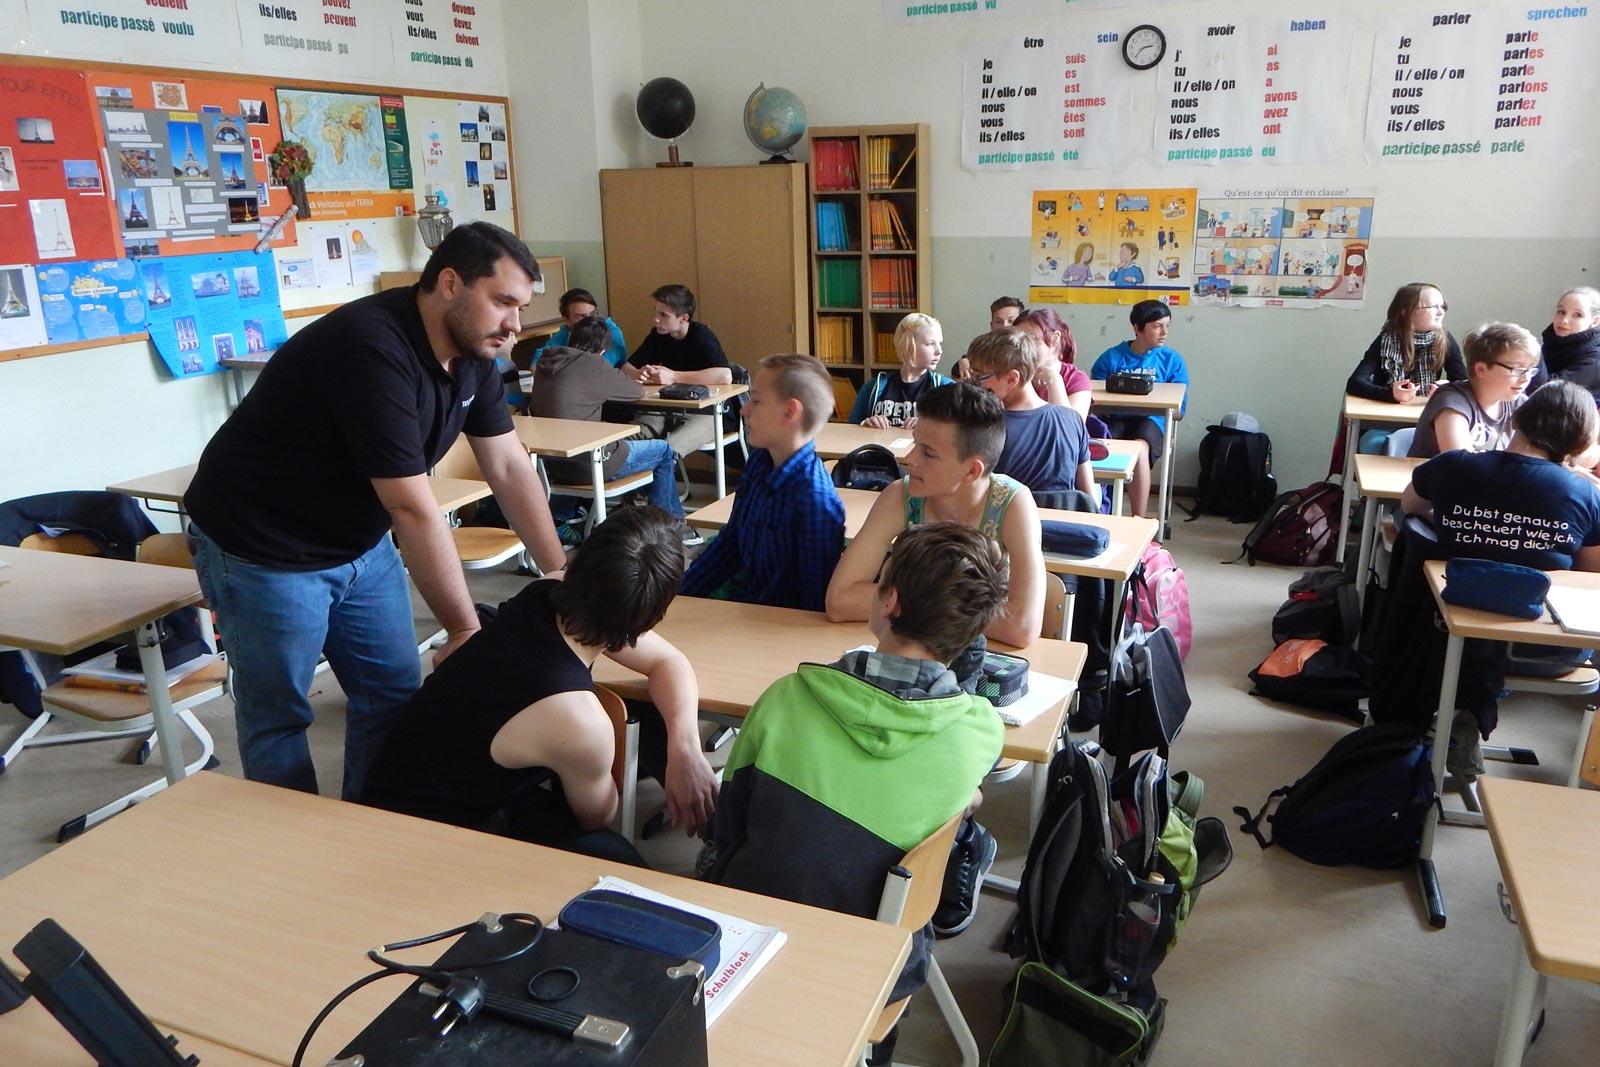 mecodia Mitarbeiter Felix Ebner im Klassenzimmer mit Schülern